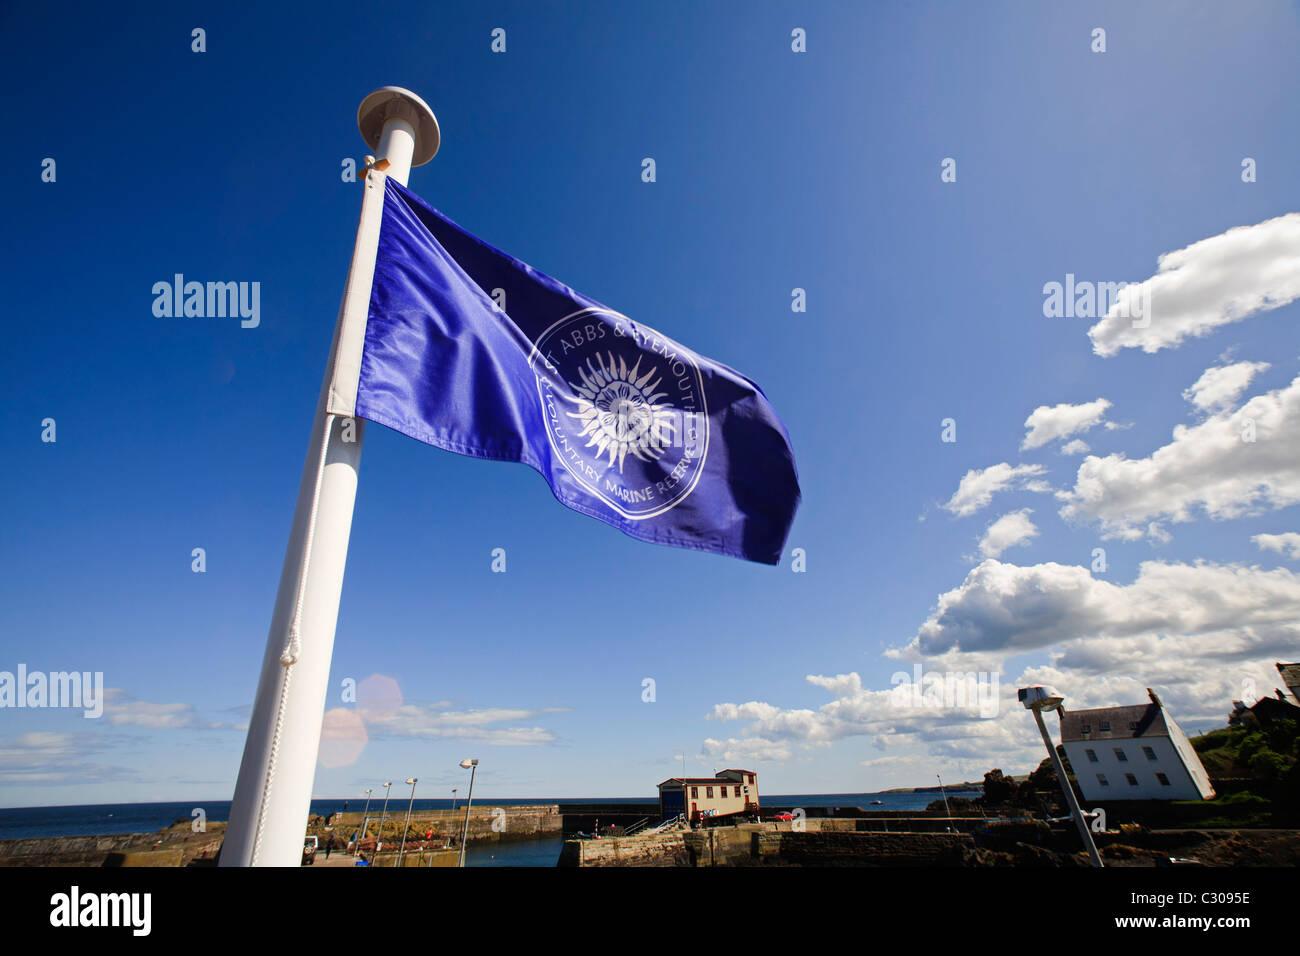 Le drapeau de l'Abbs et Eyemouth Réserve Marine volontaire qui oscille au vent à St Abbs Harbour, Photo Stock